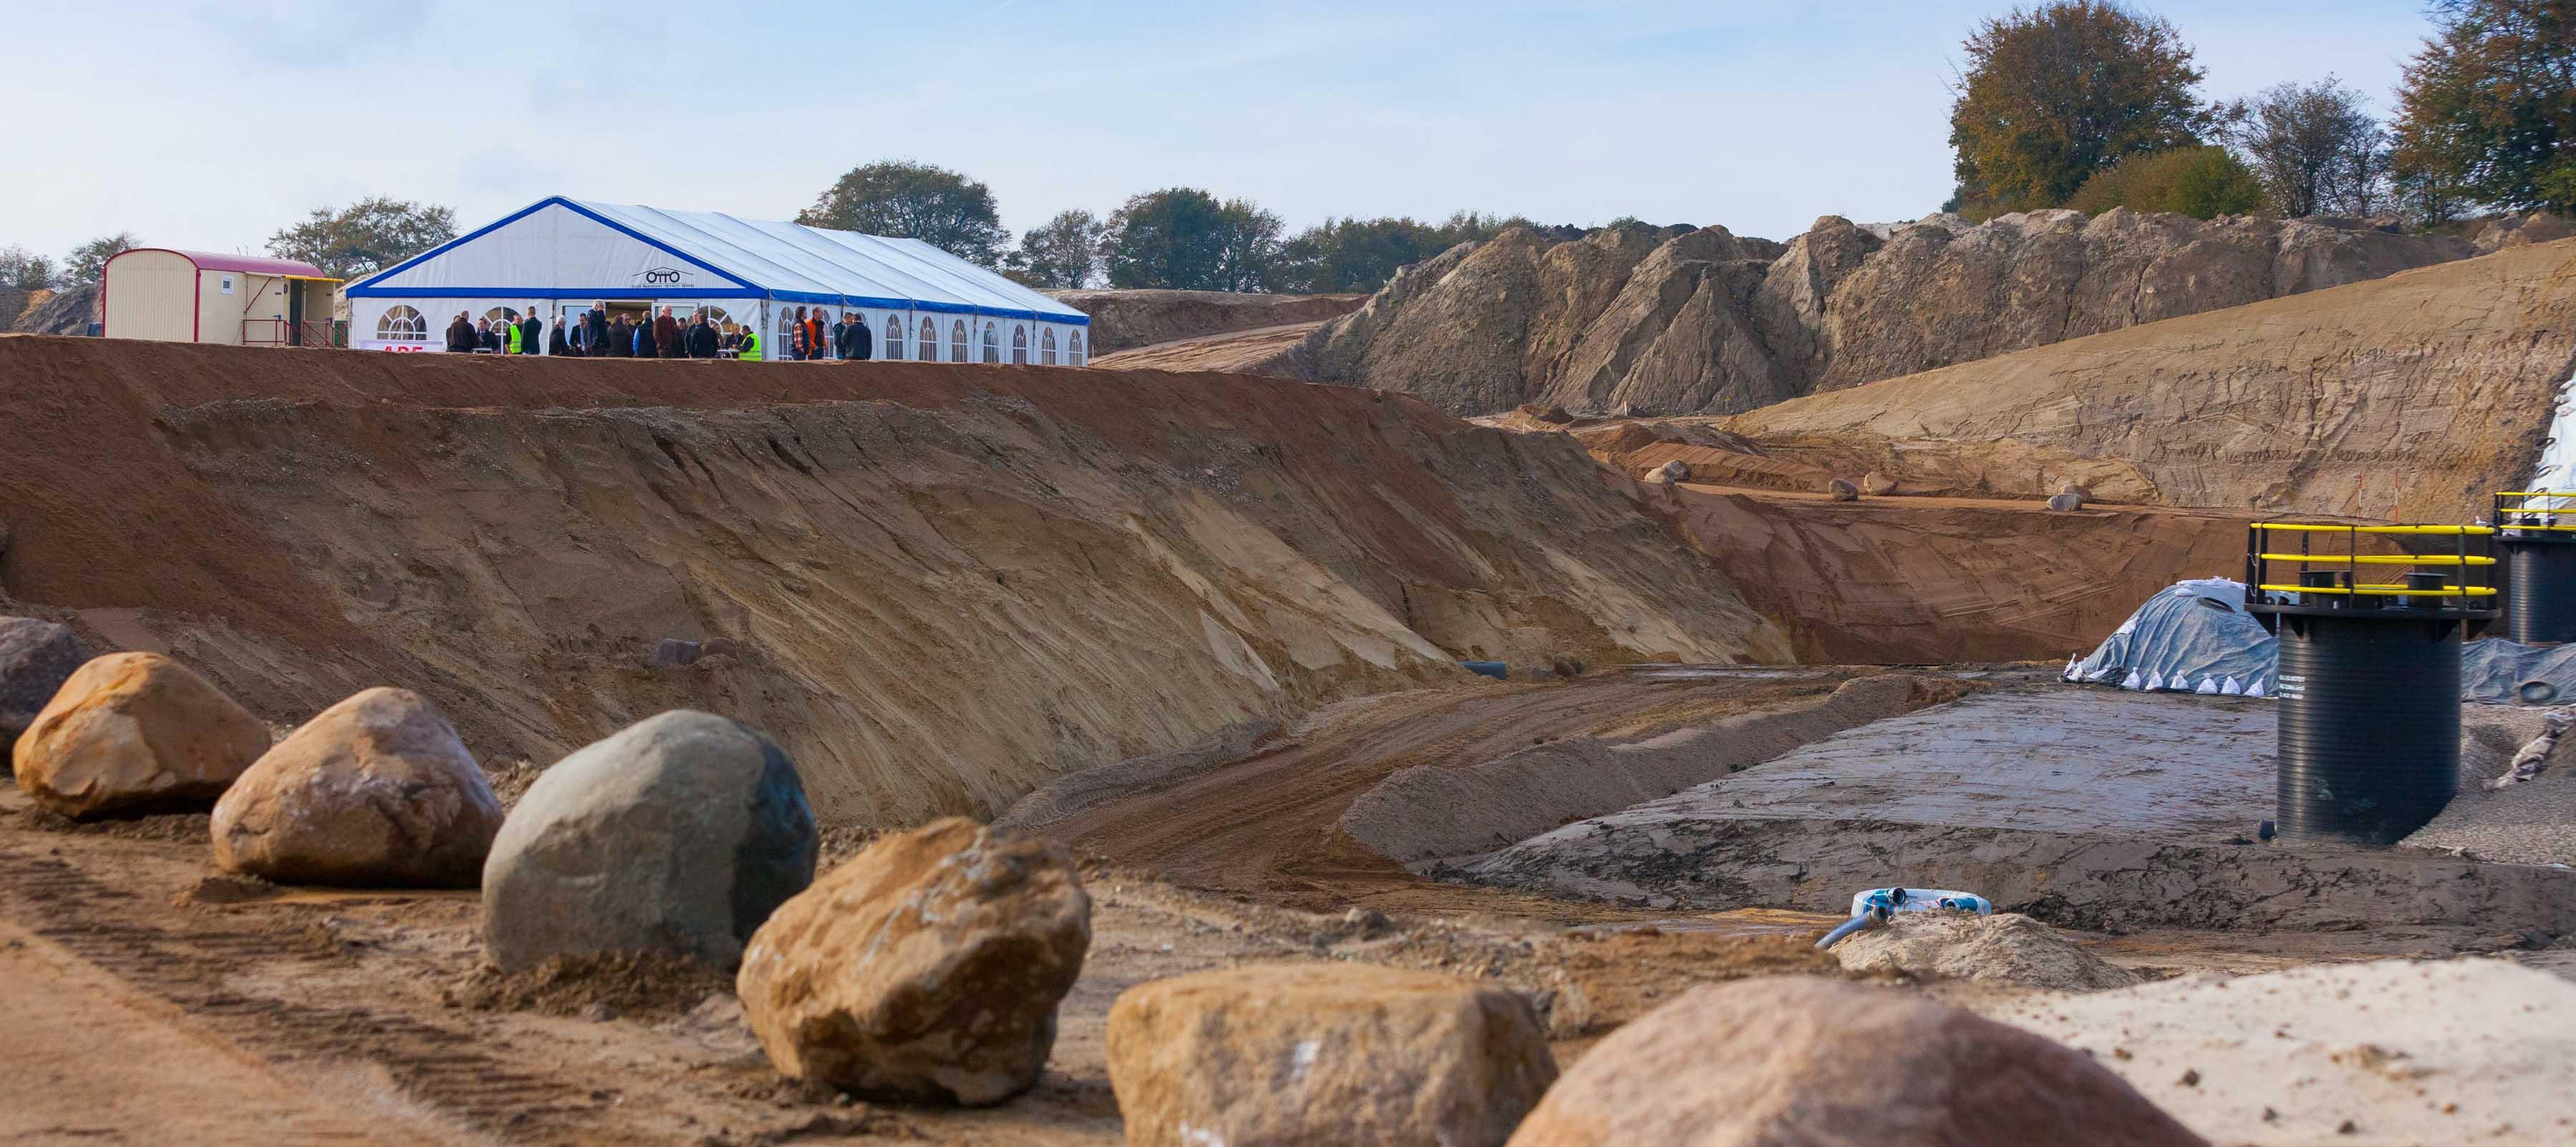 Gestern wurde in der Segeberger Gemeinde Tarbek Schleswig-Holsteins bislang größte  Deponie für schwach belastete Böden eröffnet